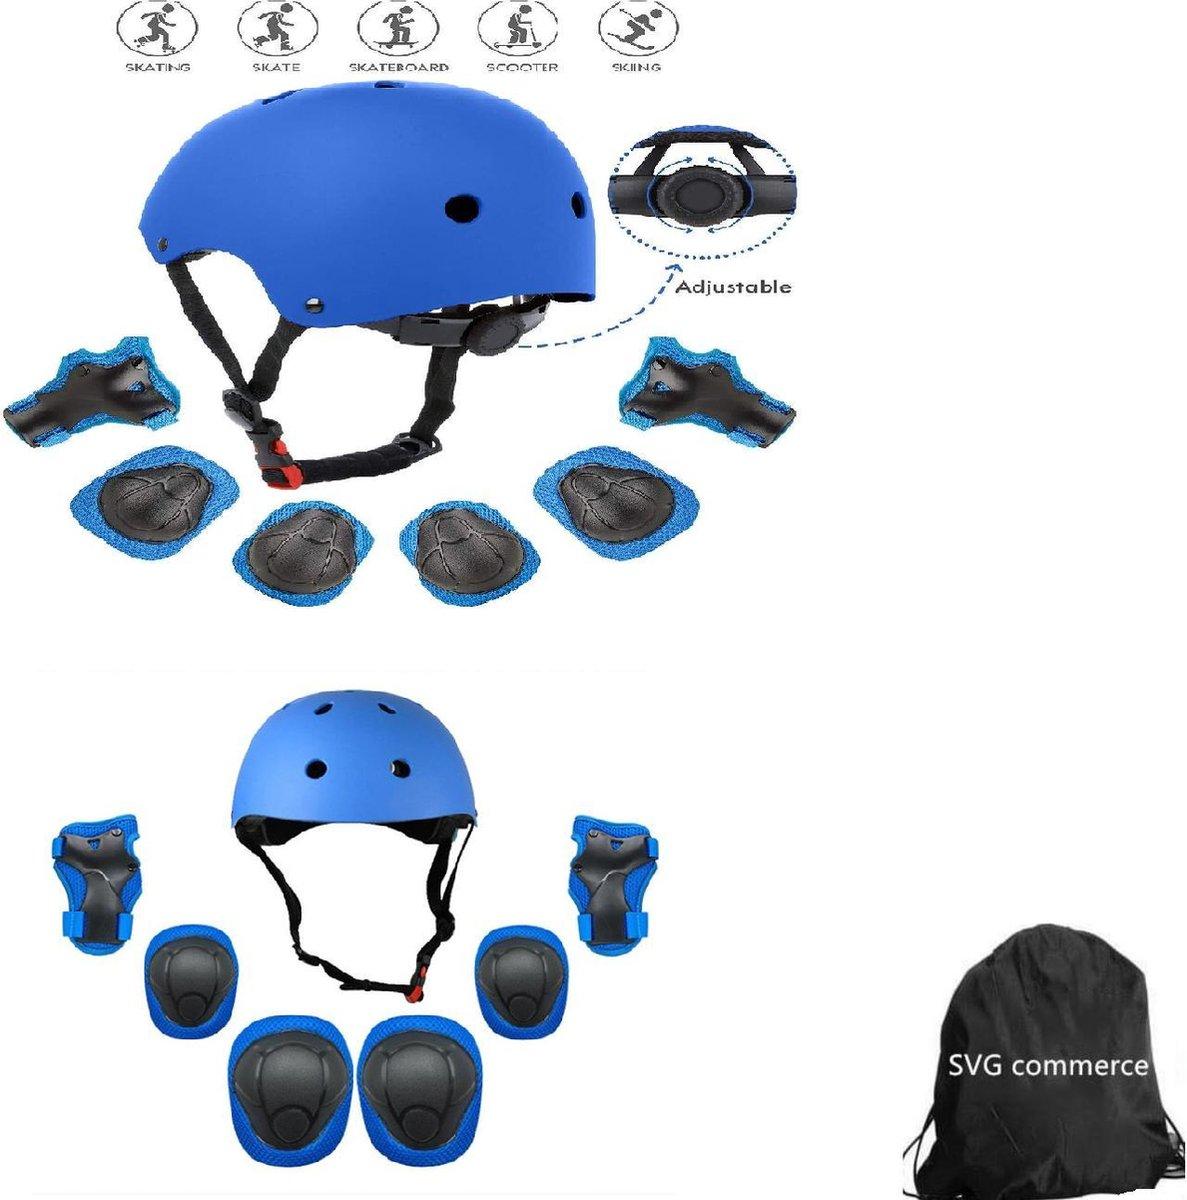 Skate Beschermset Kinderen - Helm - Kniebeschermers - Blauw S +tas voor jongens en meisjes